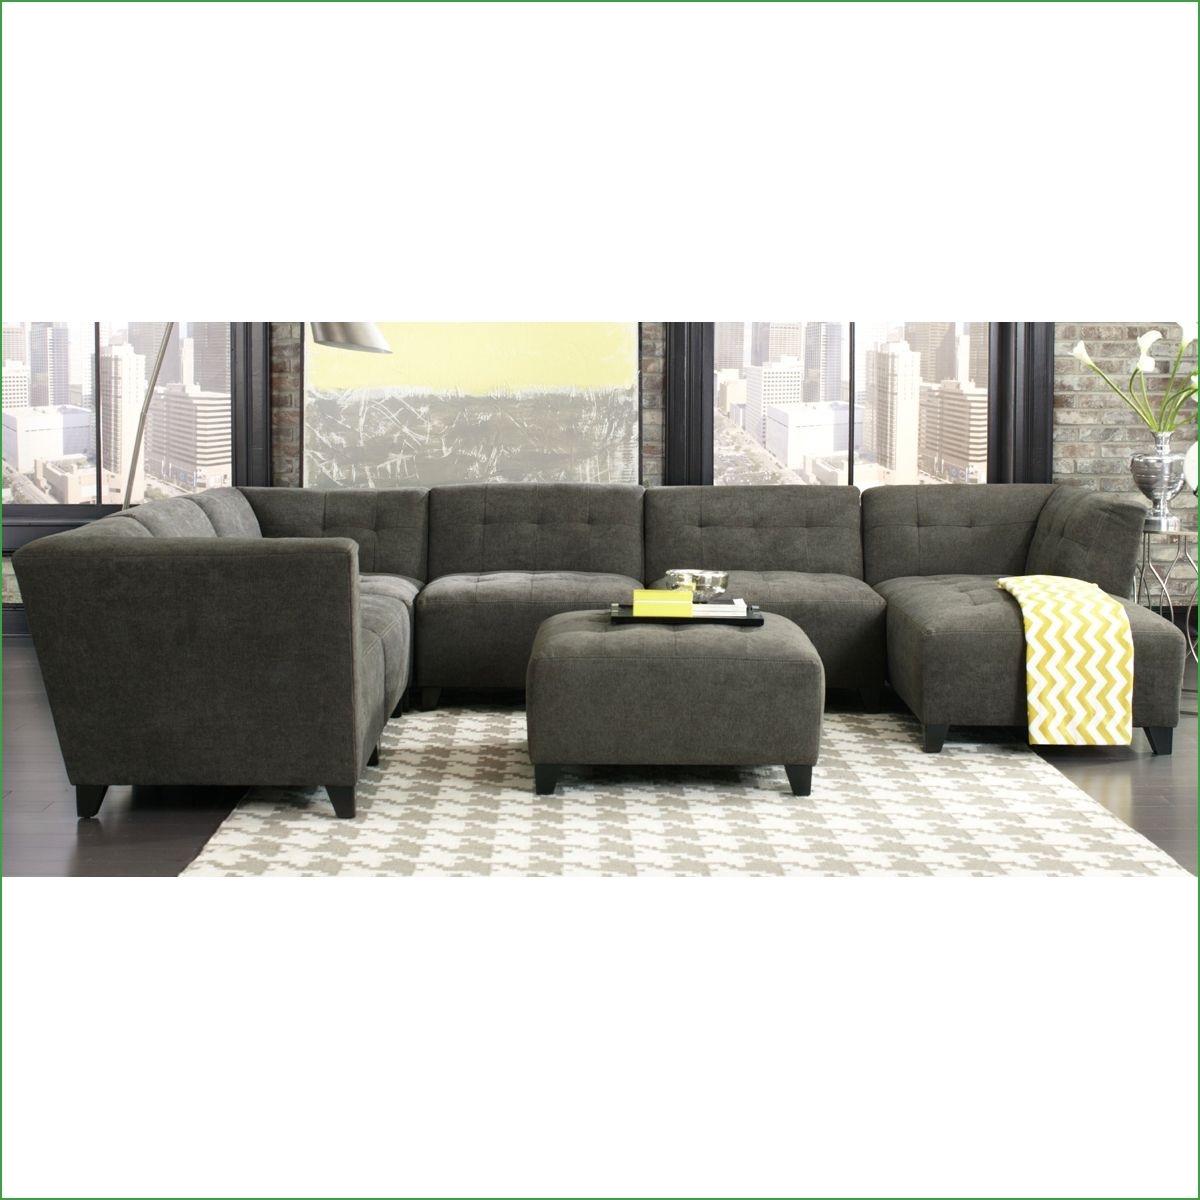 harper fabric 6 piece modular sectional sofa conversational reclining sofas menzilperde net